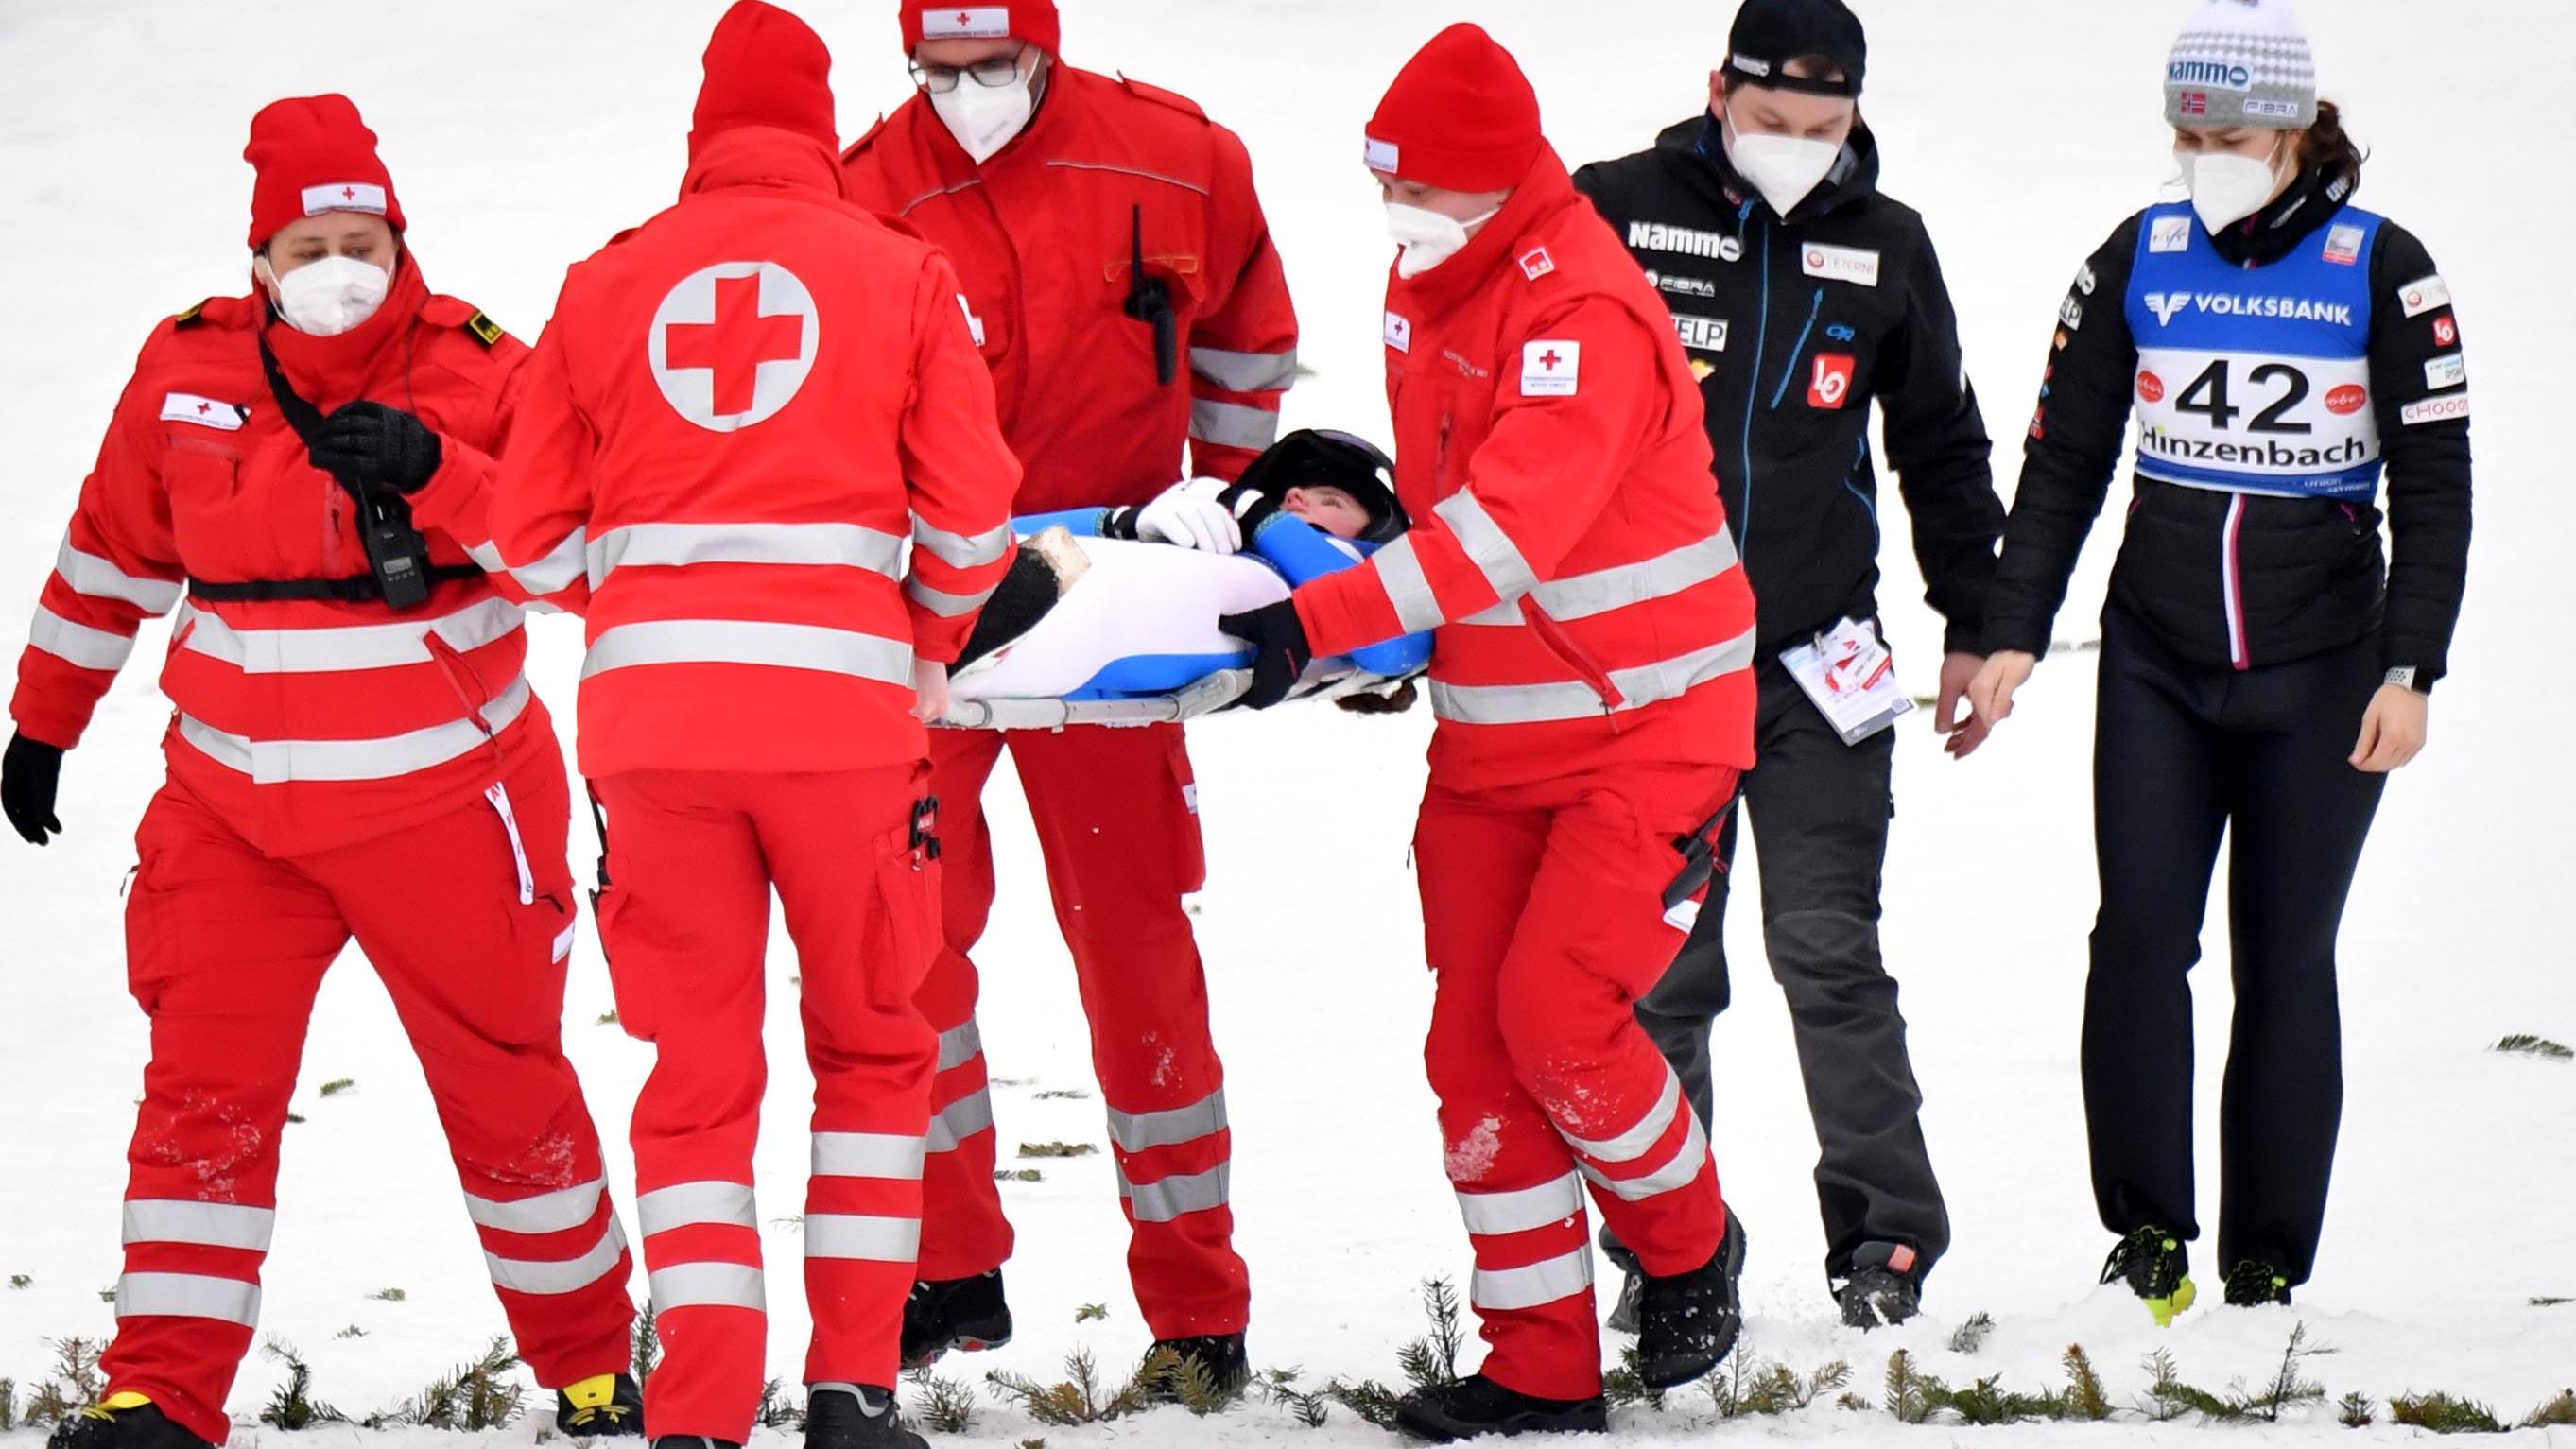 Schlimmer Sturz überschattet Skispringen in Hinzenbach - RTL Online